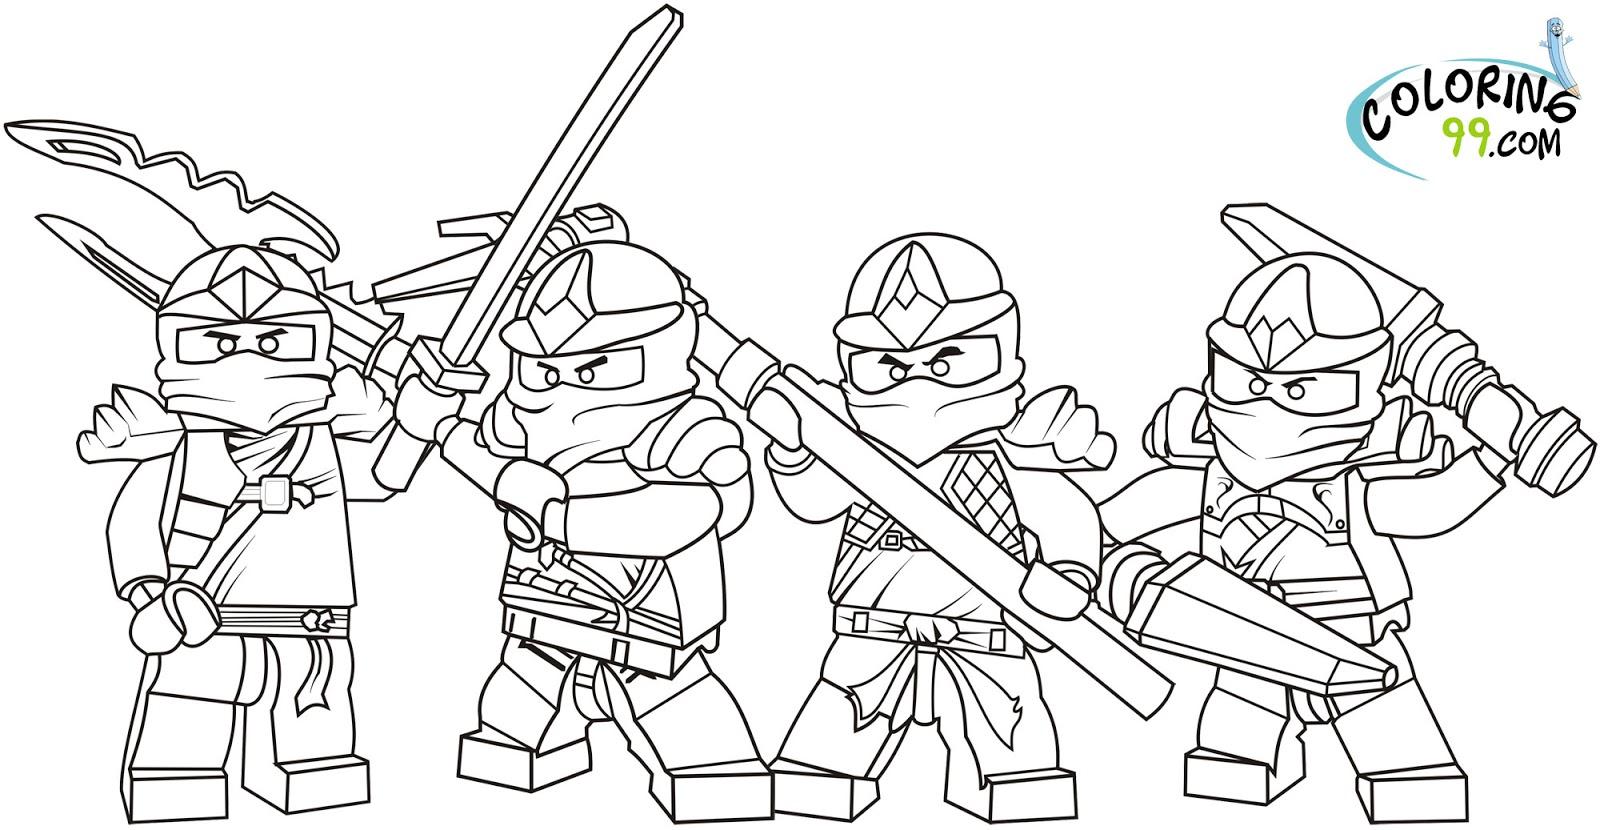 Lego Ausmalbilder Ninjago : Lego Ninjago Coloring Page Democraciaejustica